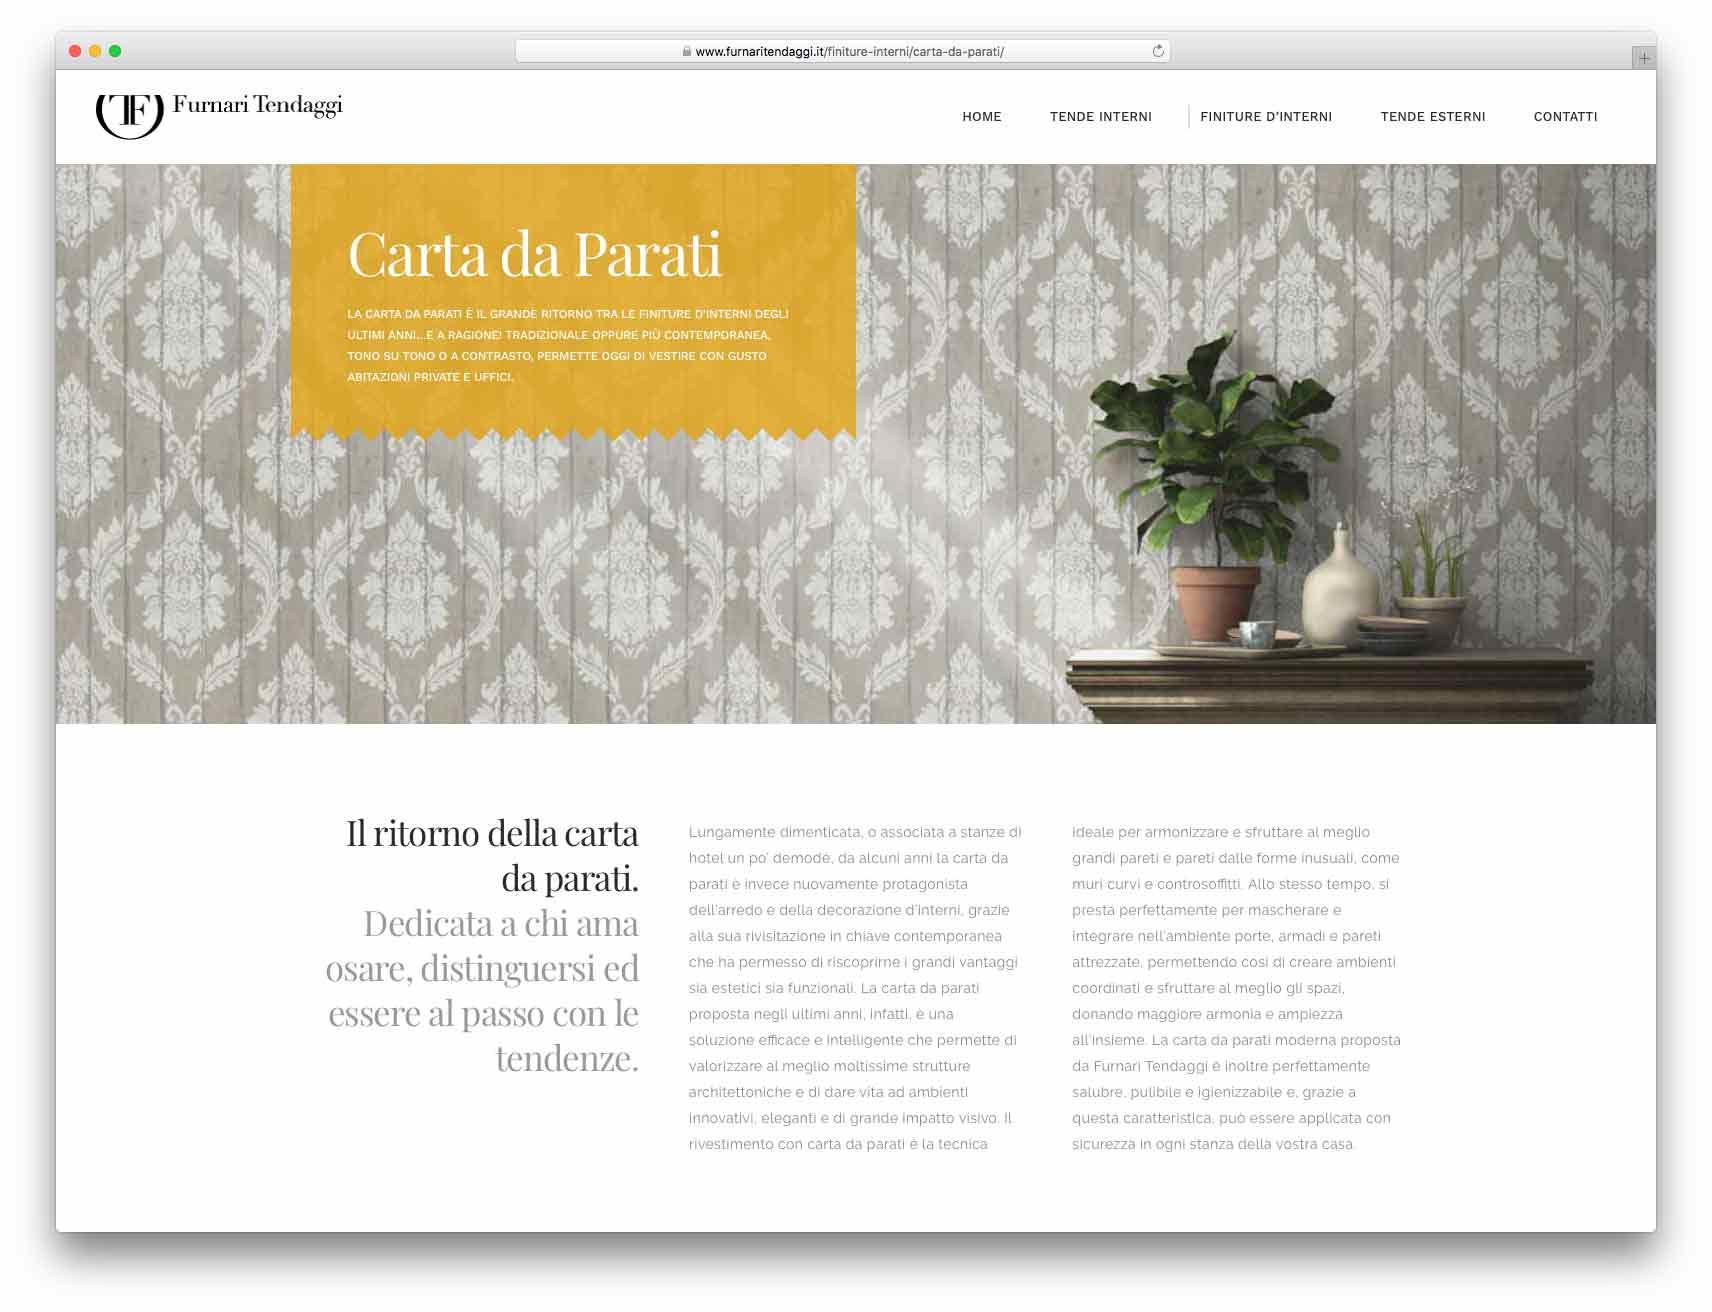 creazione siti web brescia - Agenzia P - sito web Furnari Tendaggi